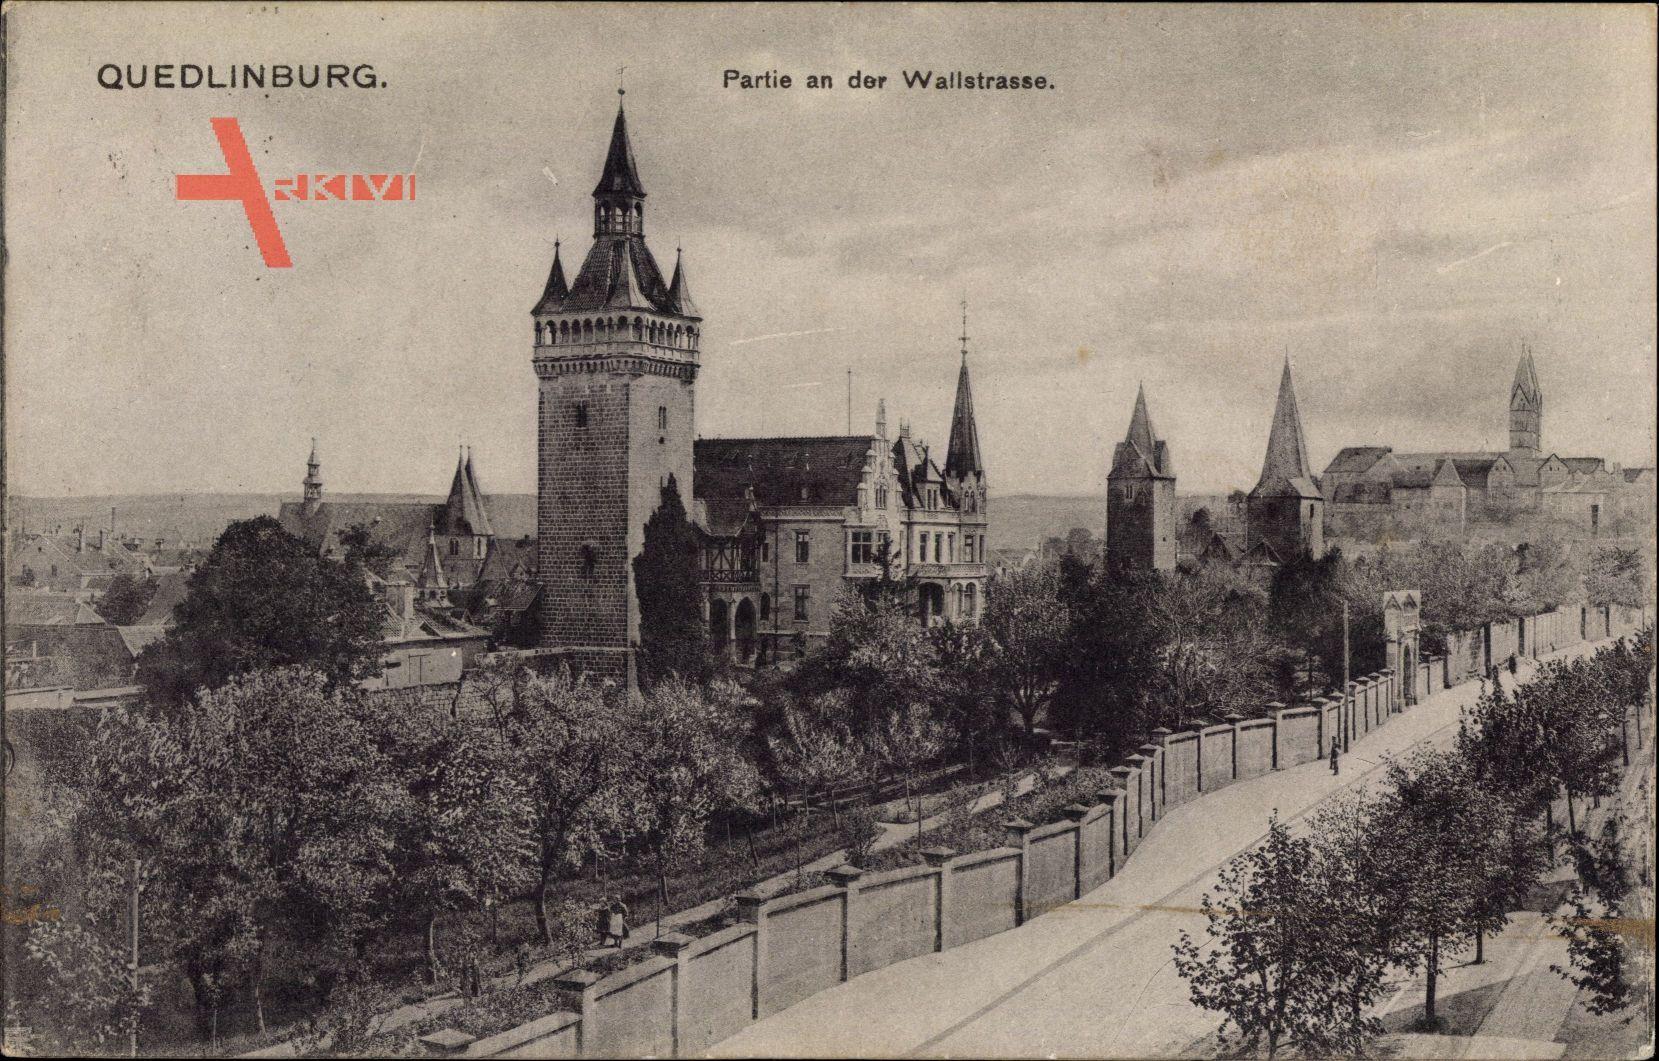 Quedlinburg im Harz, Partie an der Wallstraße, Turm, Häuser